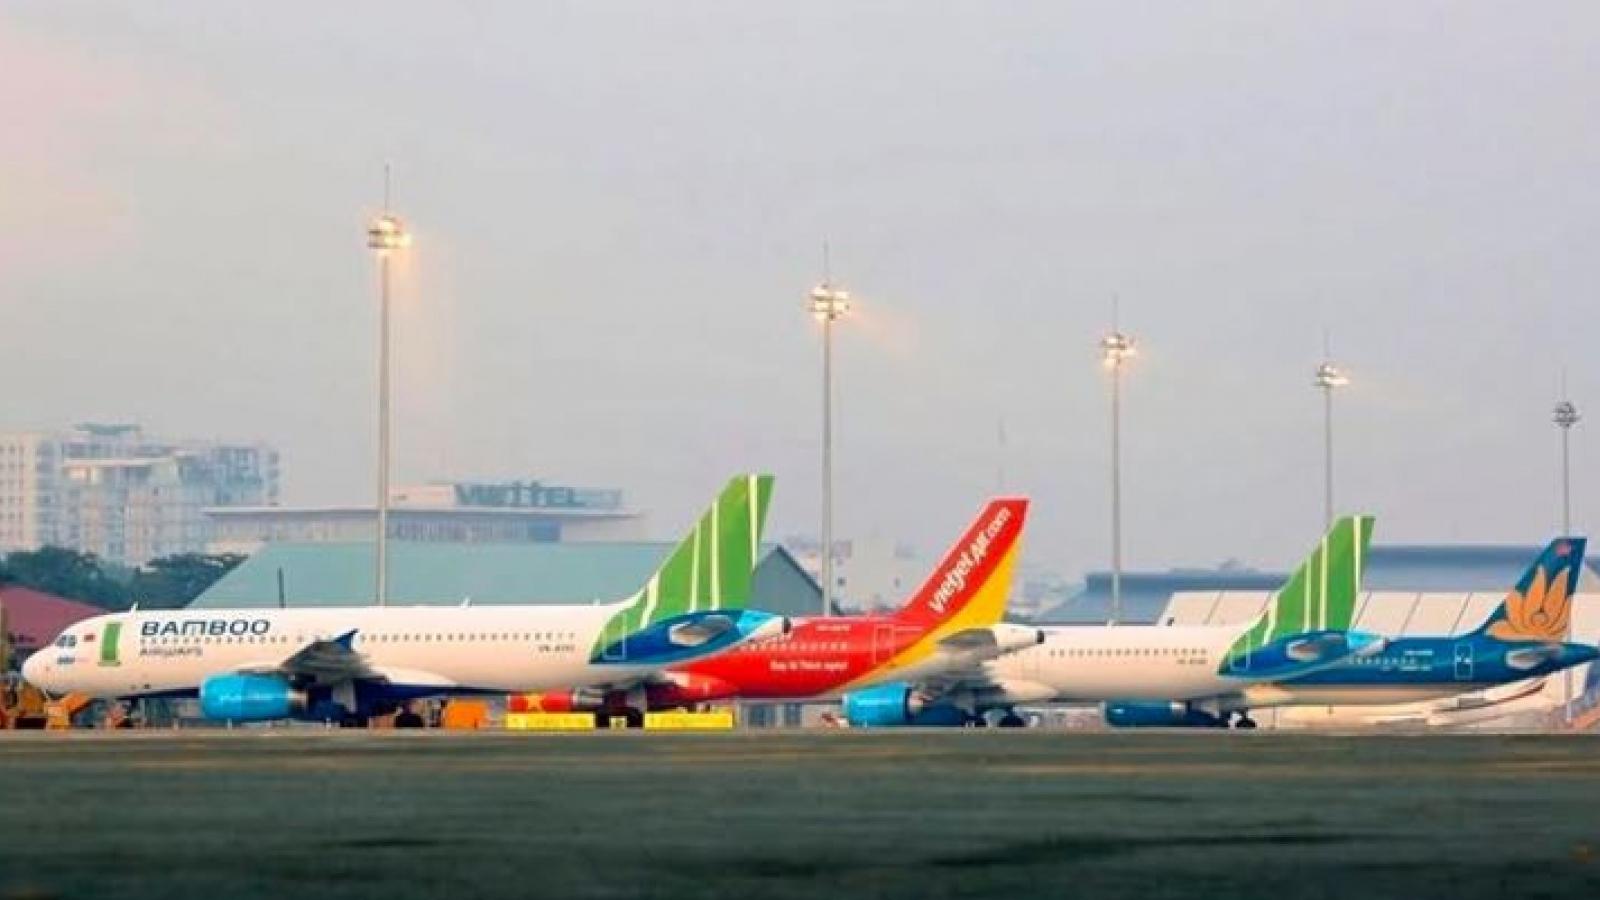 CAAV plans to resume regular flights locally after October 20